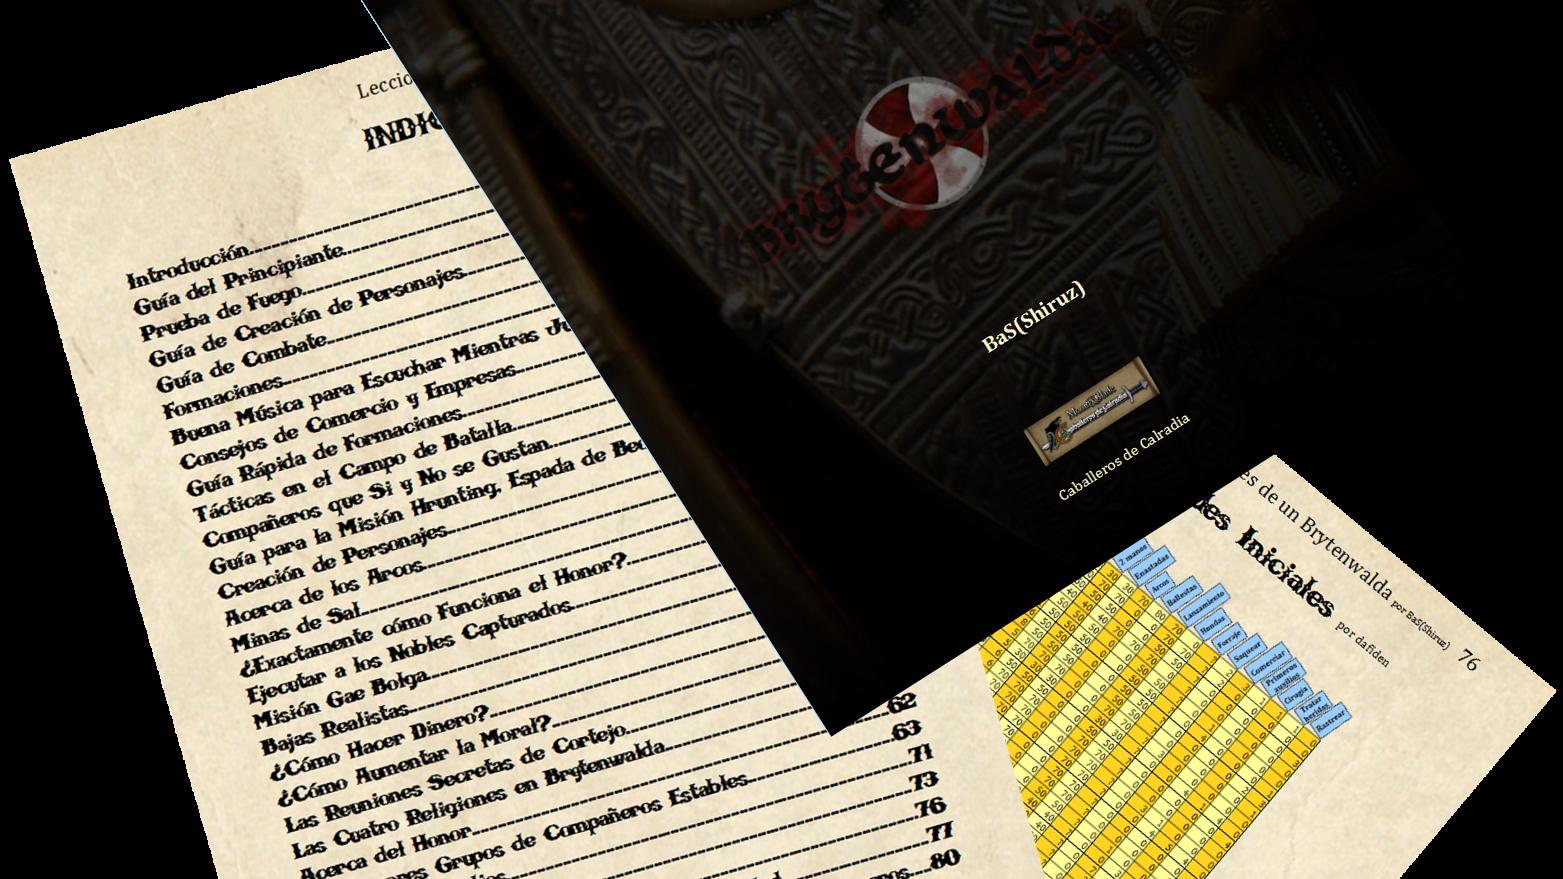 [WB] Lecciones de un Brytenwalda (Traducción de las guias oficiales de Brytenwalda) Brytenwalda_bannerbook03